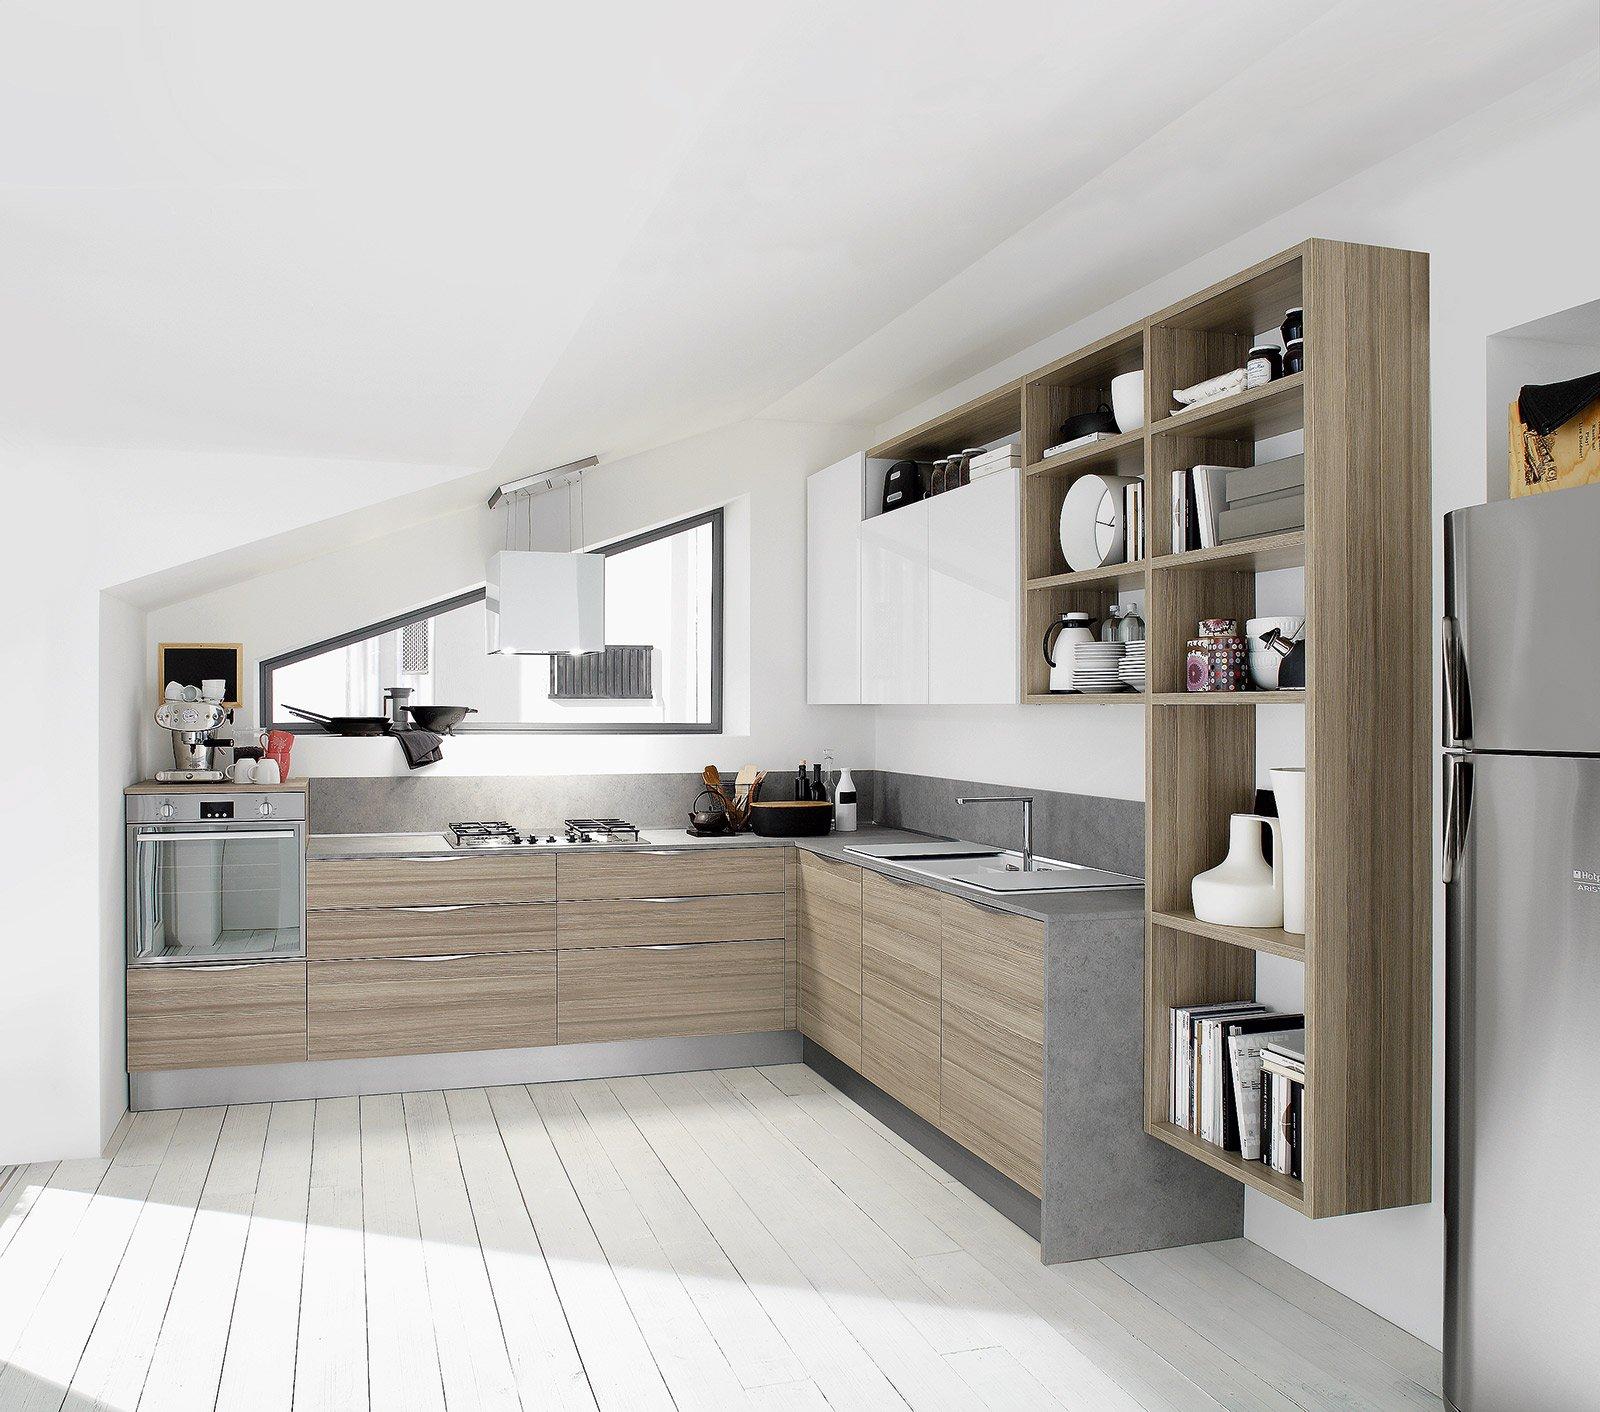 Tavoli Da Cucina A Muro Ribaltabili. Trendy La Cucina Ad Angolo ...